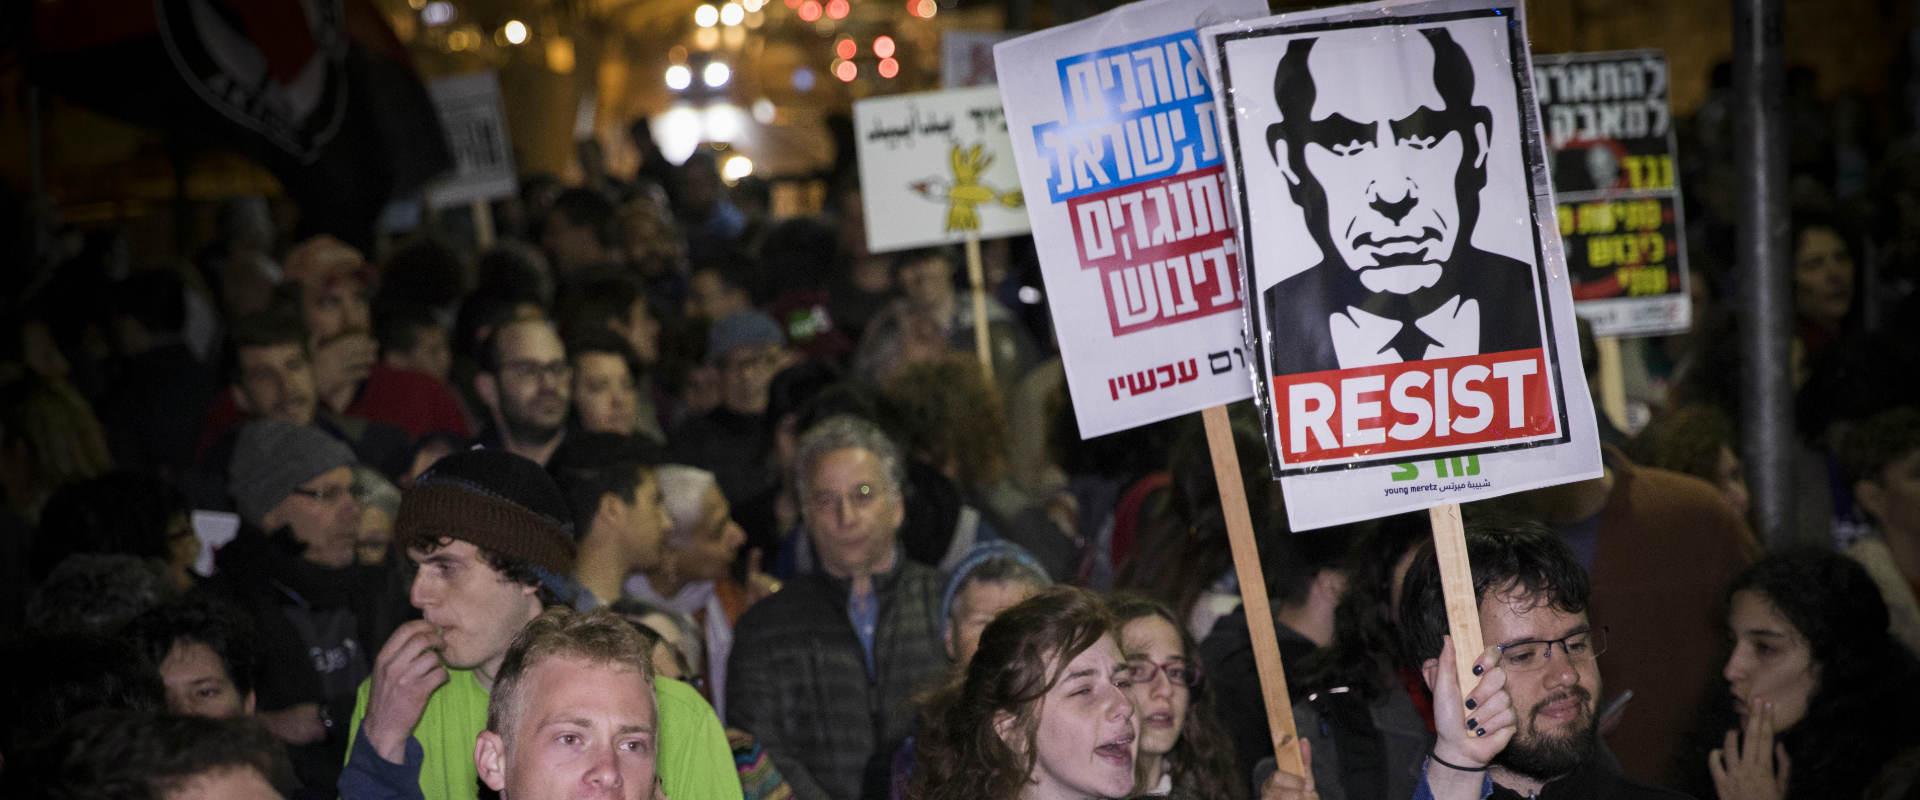 הפגנה נגד הכיבוש בירושלים, באפריל